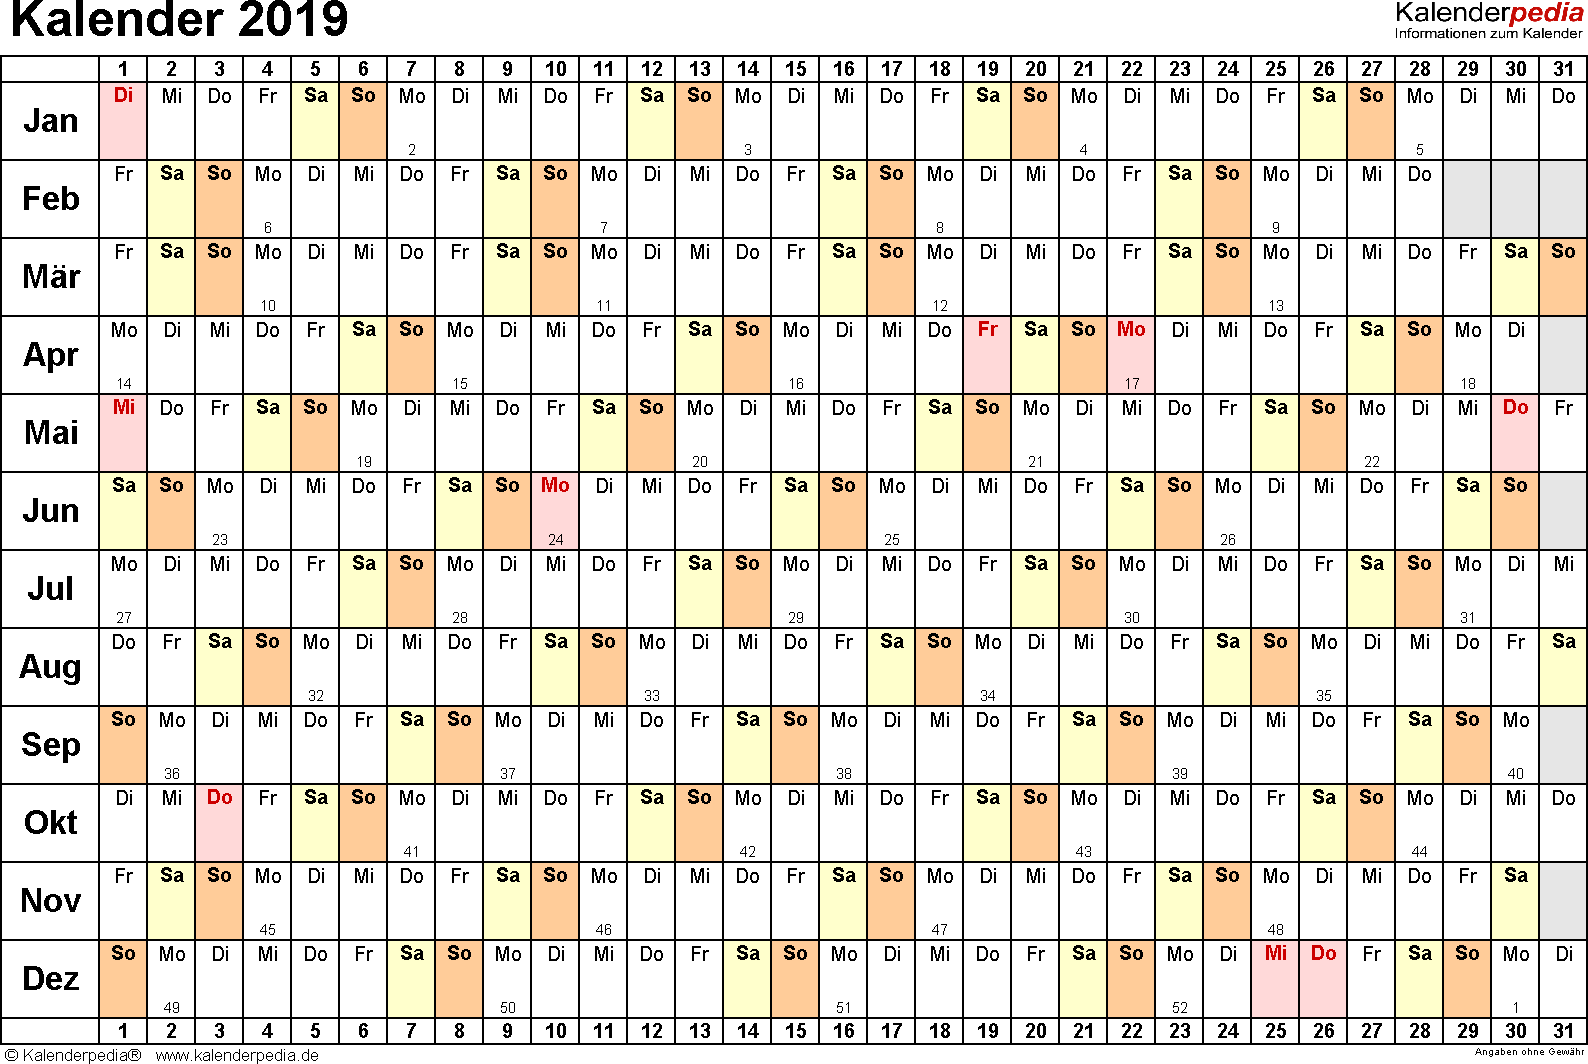 Vorlage 6: Kalender 2019 für Word, Querformat, 1 Seite, Tage nebeneinander (linear)